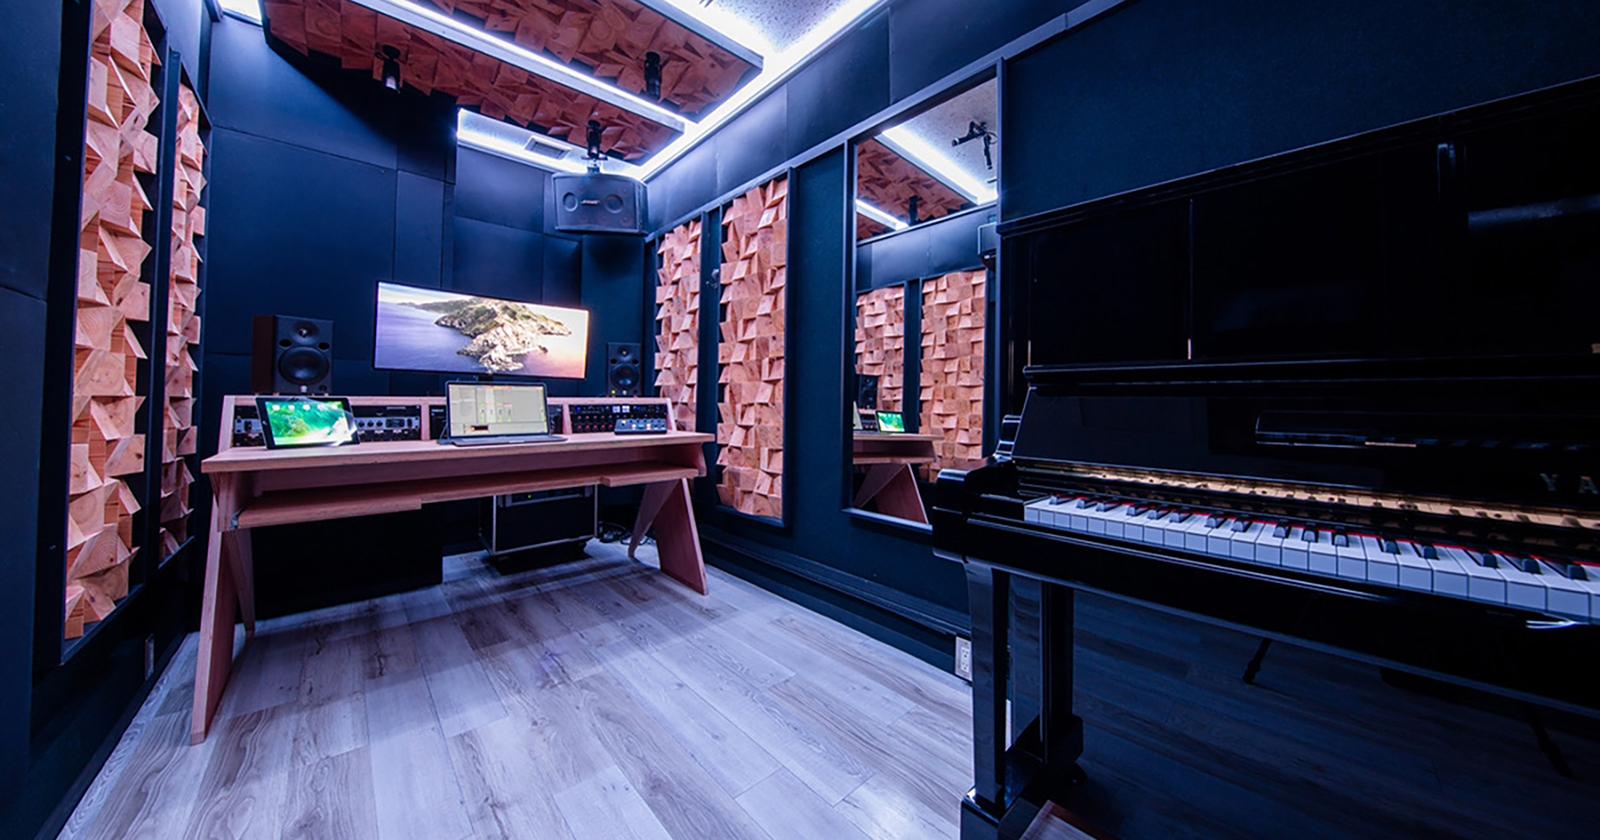 【渋谷1号店】レコーディング  +  アップライトピアノ常設スタジオがオープンしました!